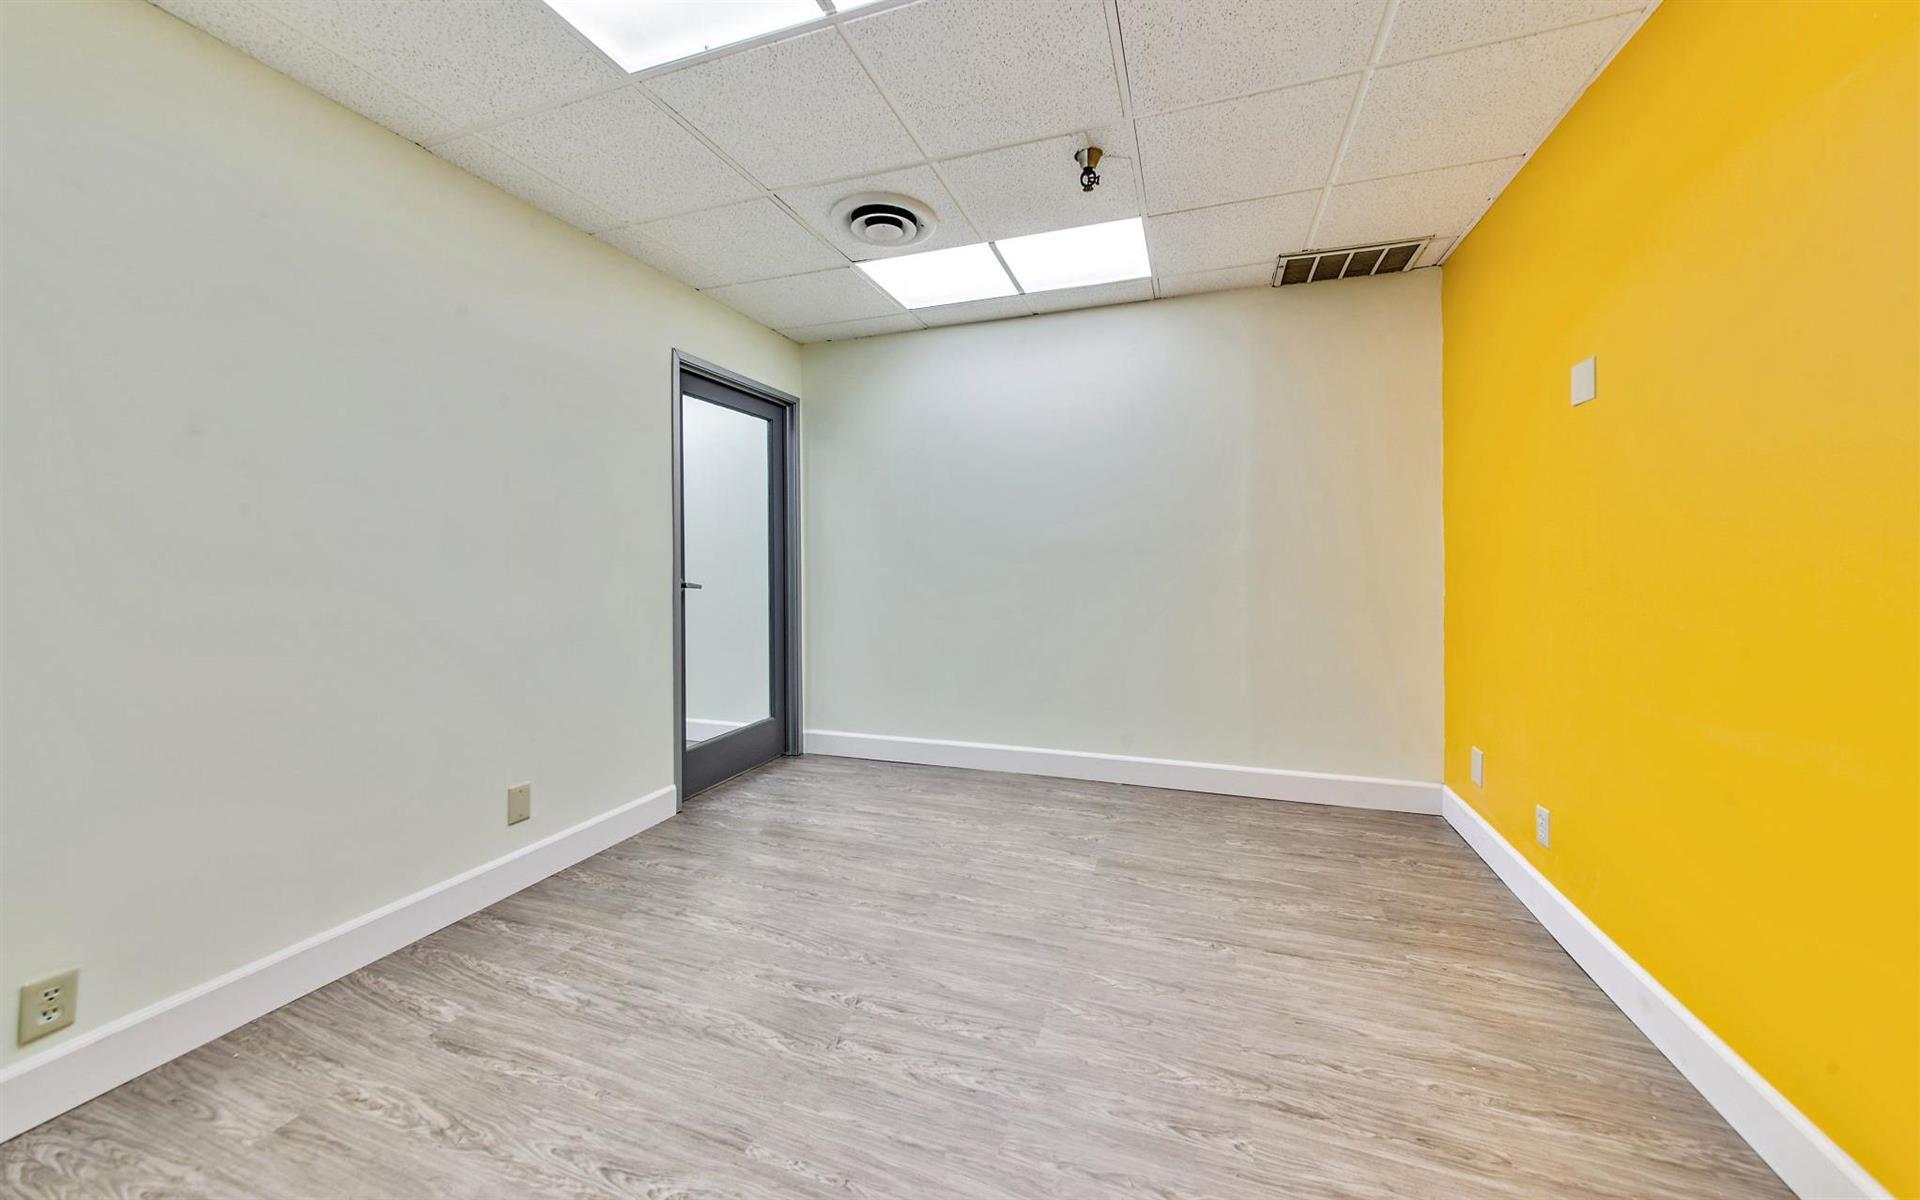 16200 Ventura Blvd. - Team Office 214